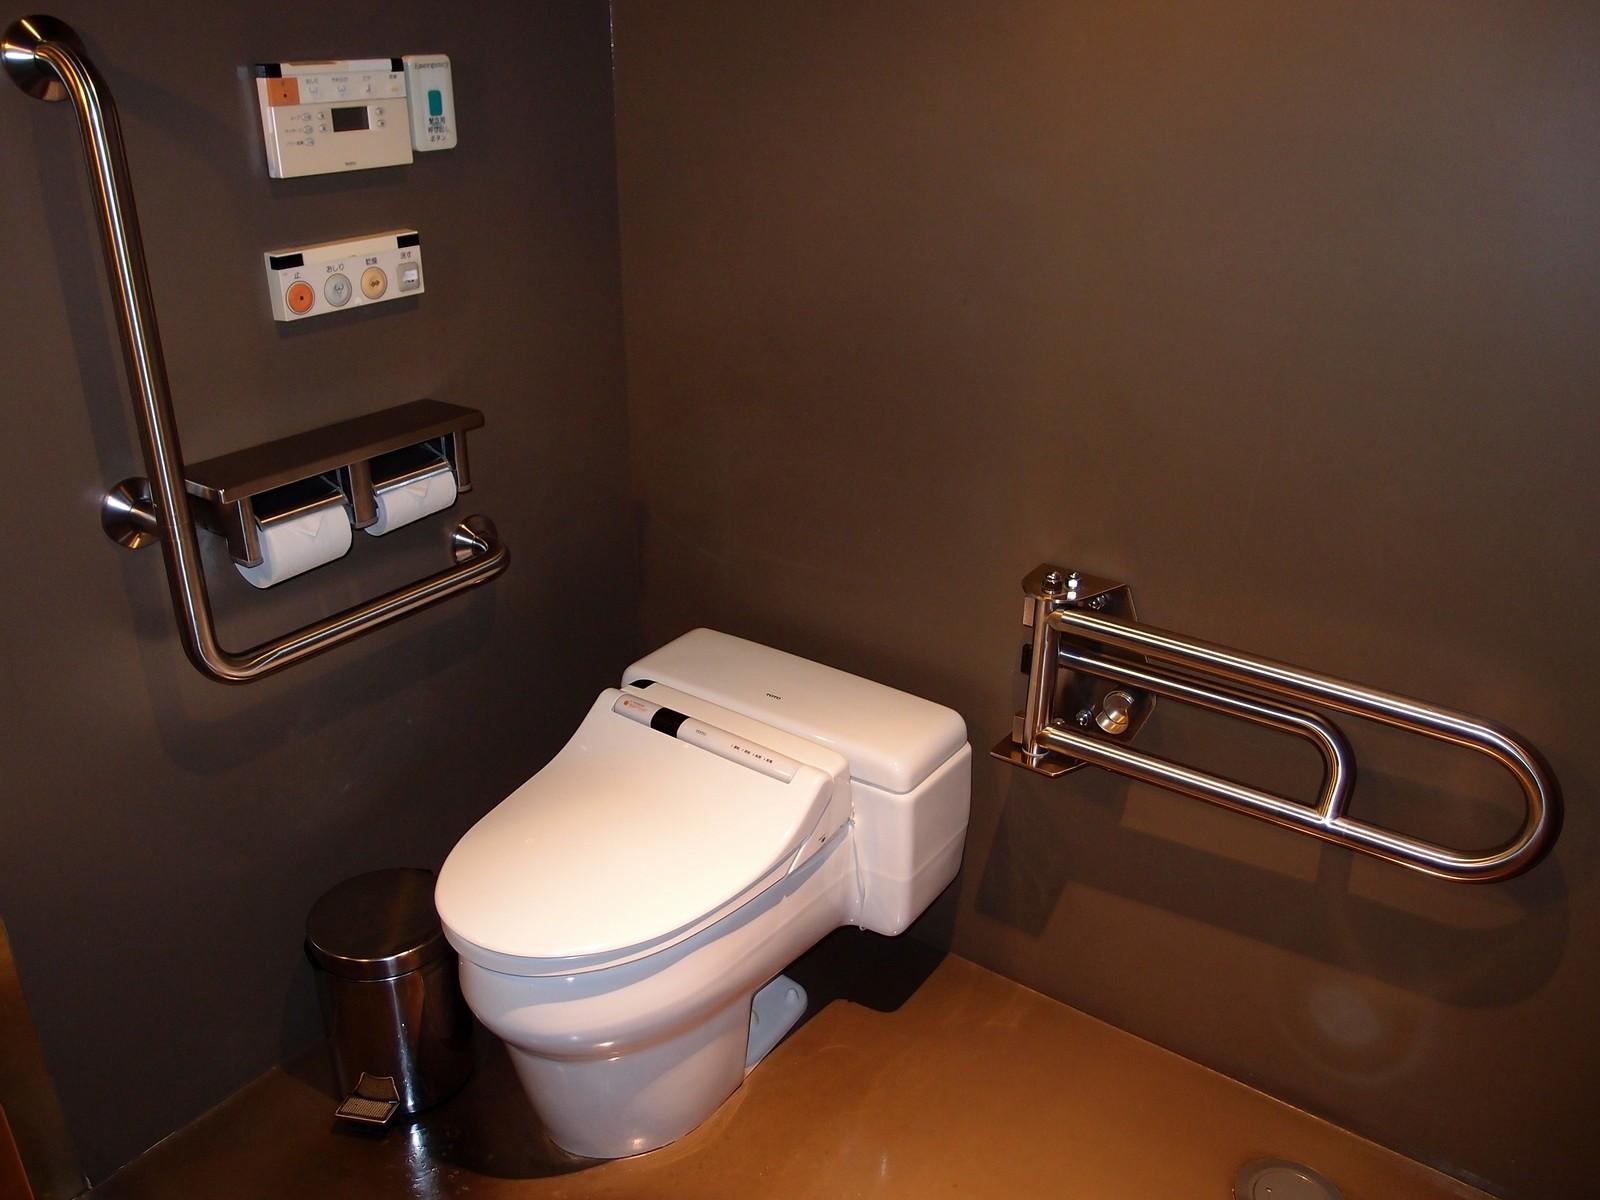 toilette moderne japonaise. Black Bedroom Furniture Sets. Home Design Ideas